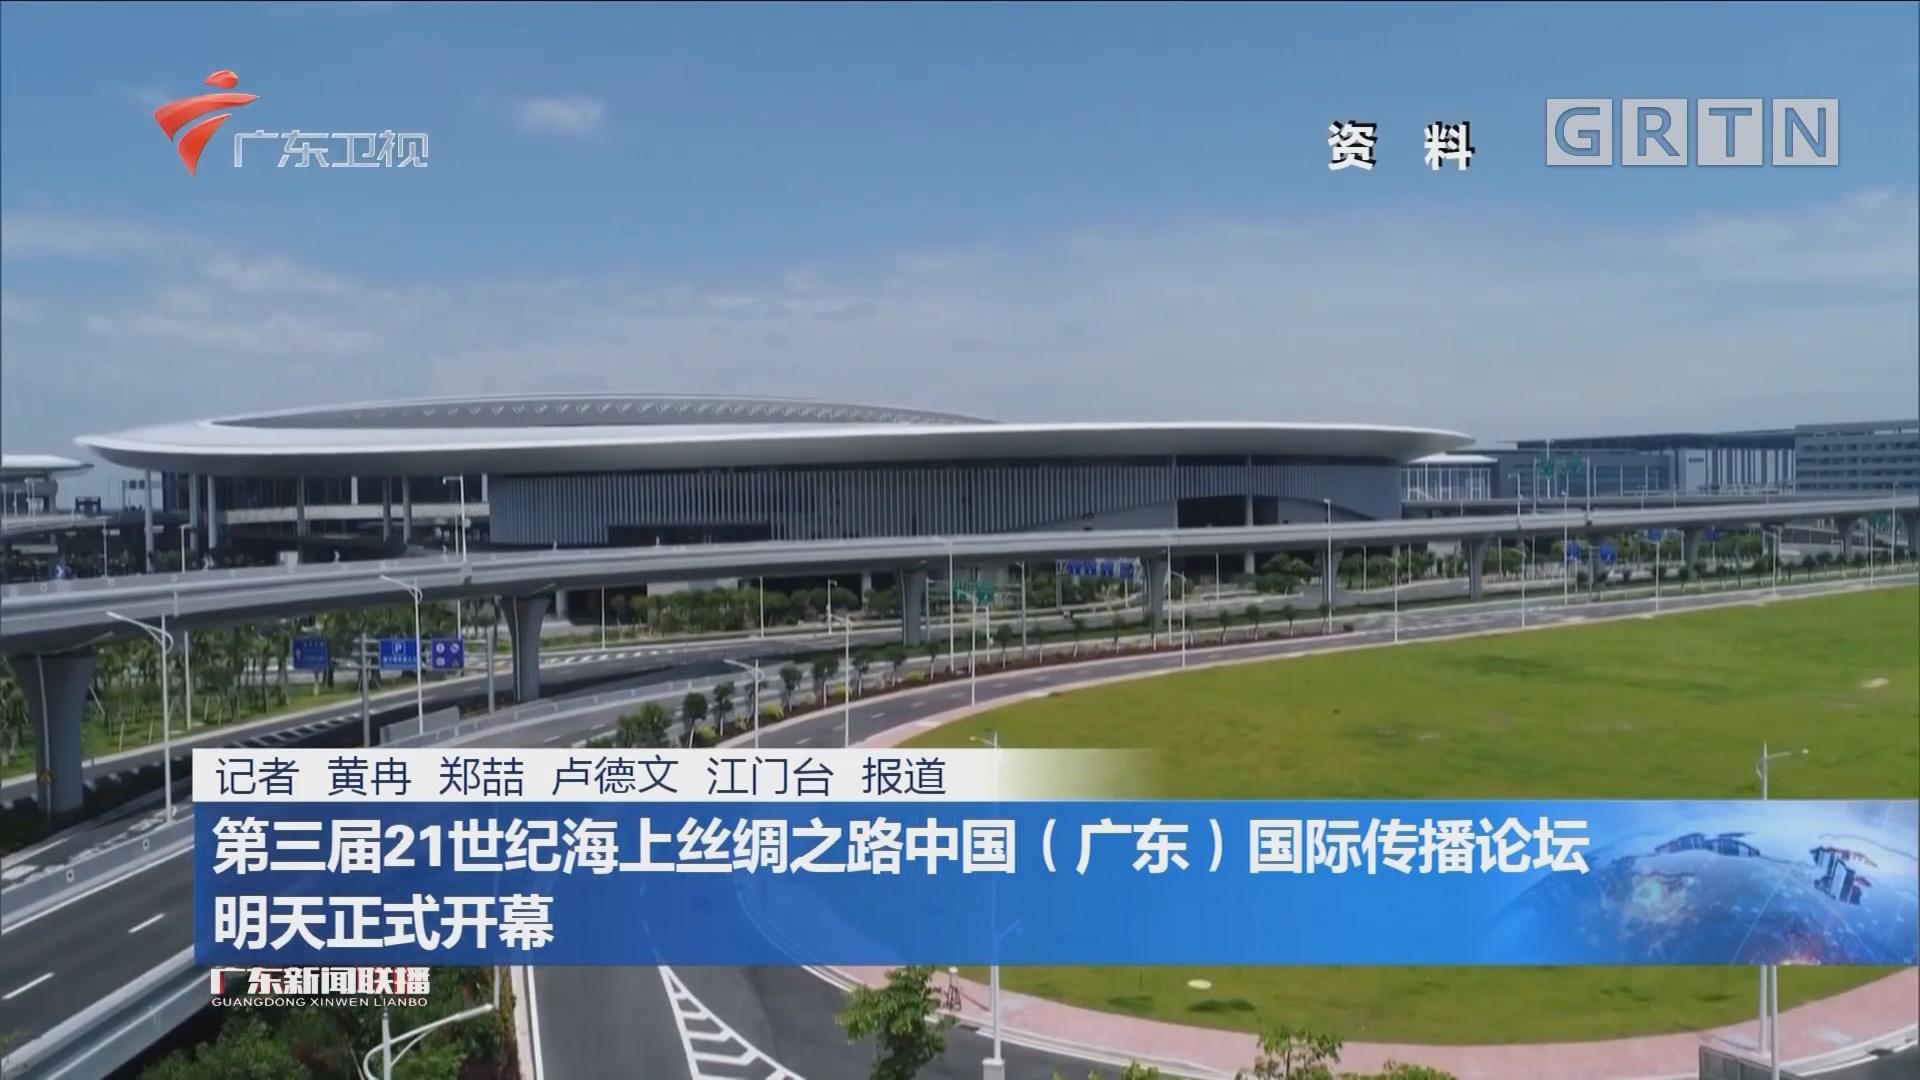 第三届21世纪海上丝绸之路中国(广东)国际传播论坛明天正式开幕